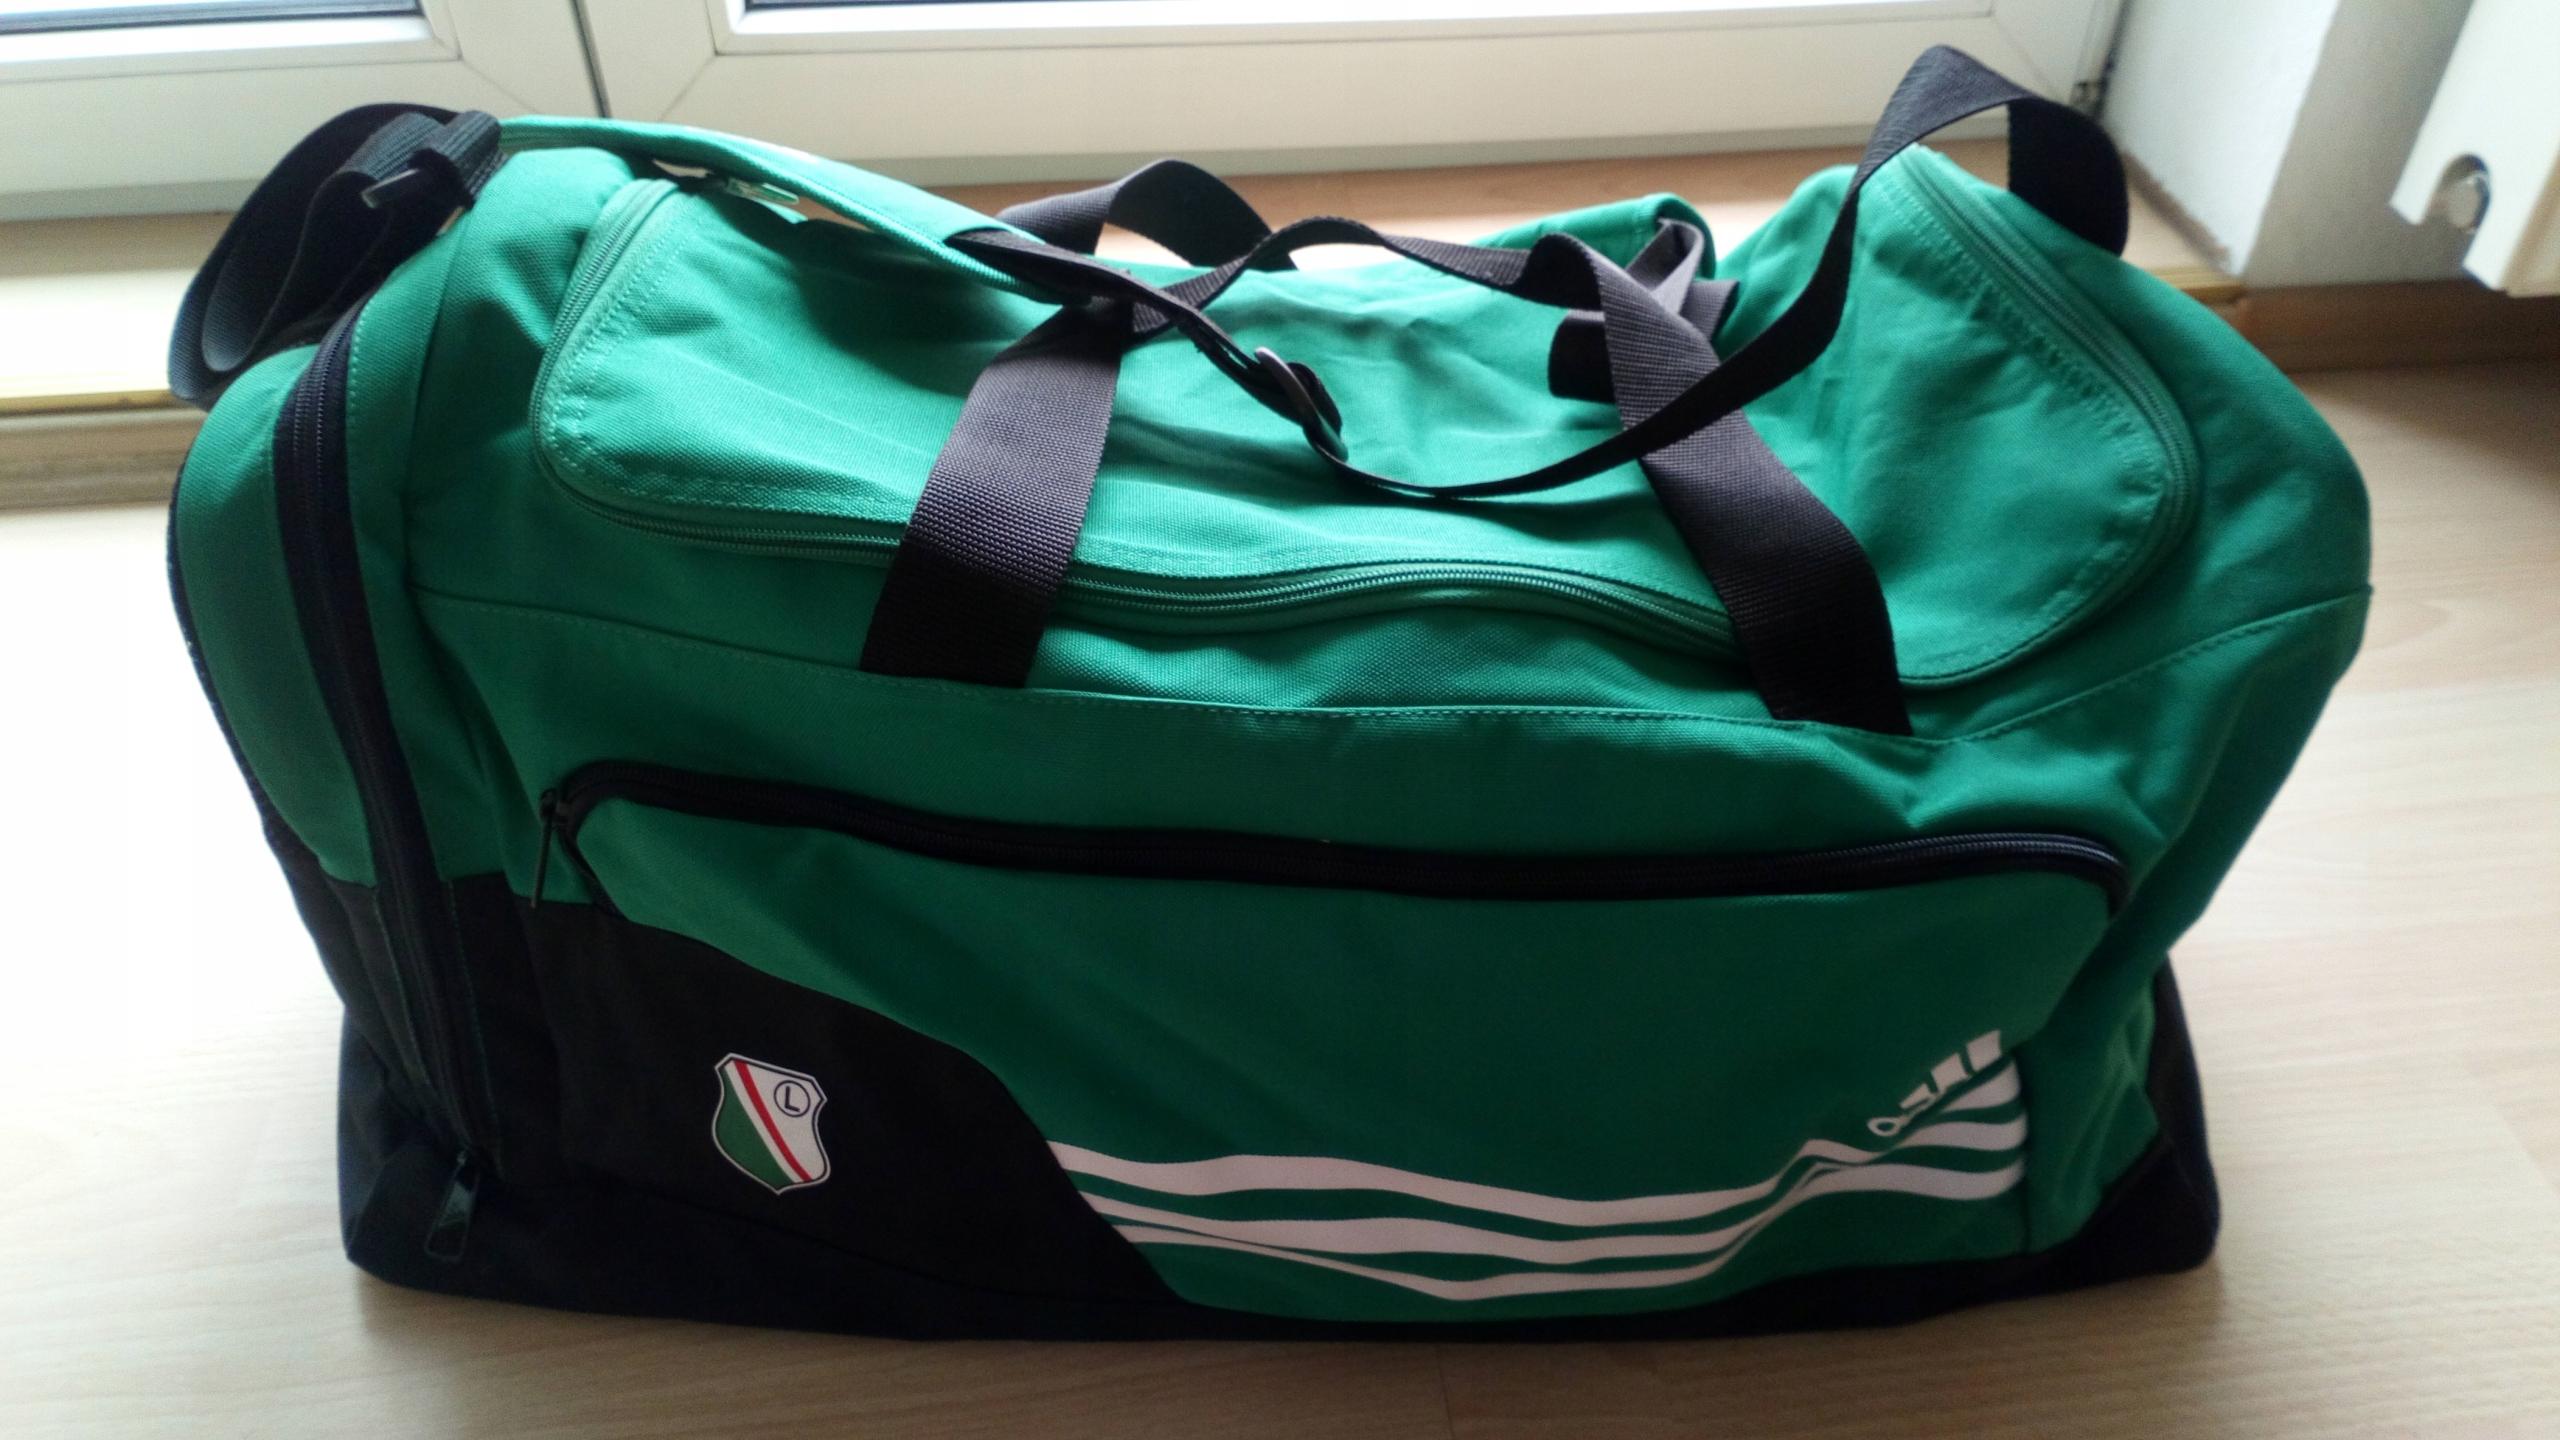 d5b8cdcd4 adidas torba sportowa Legia Warszawa - 7586121055 - oficjalne ...